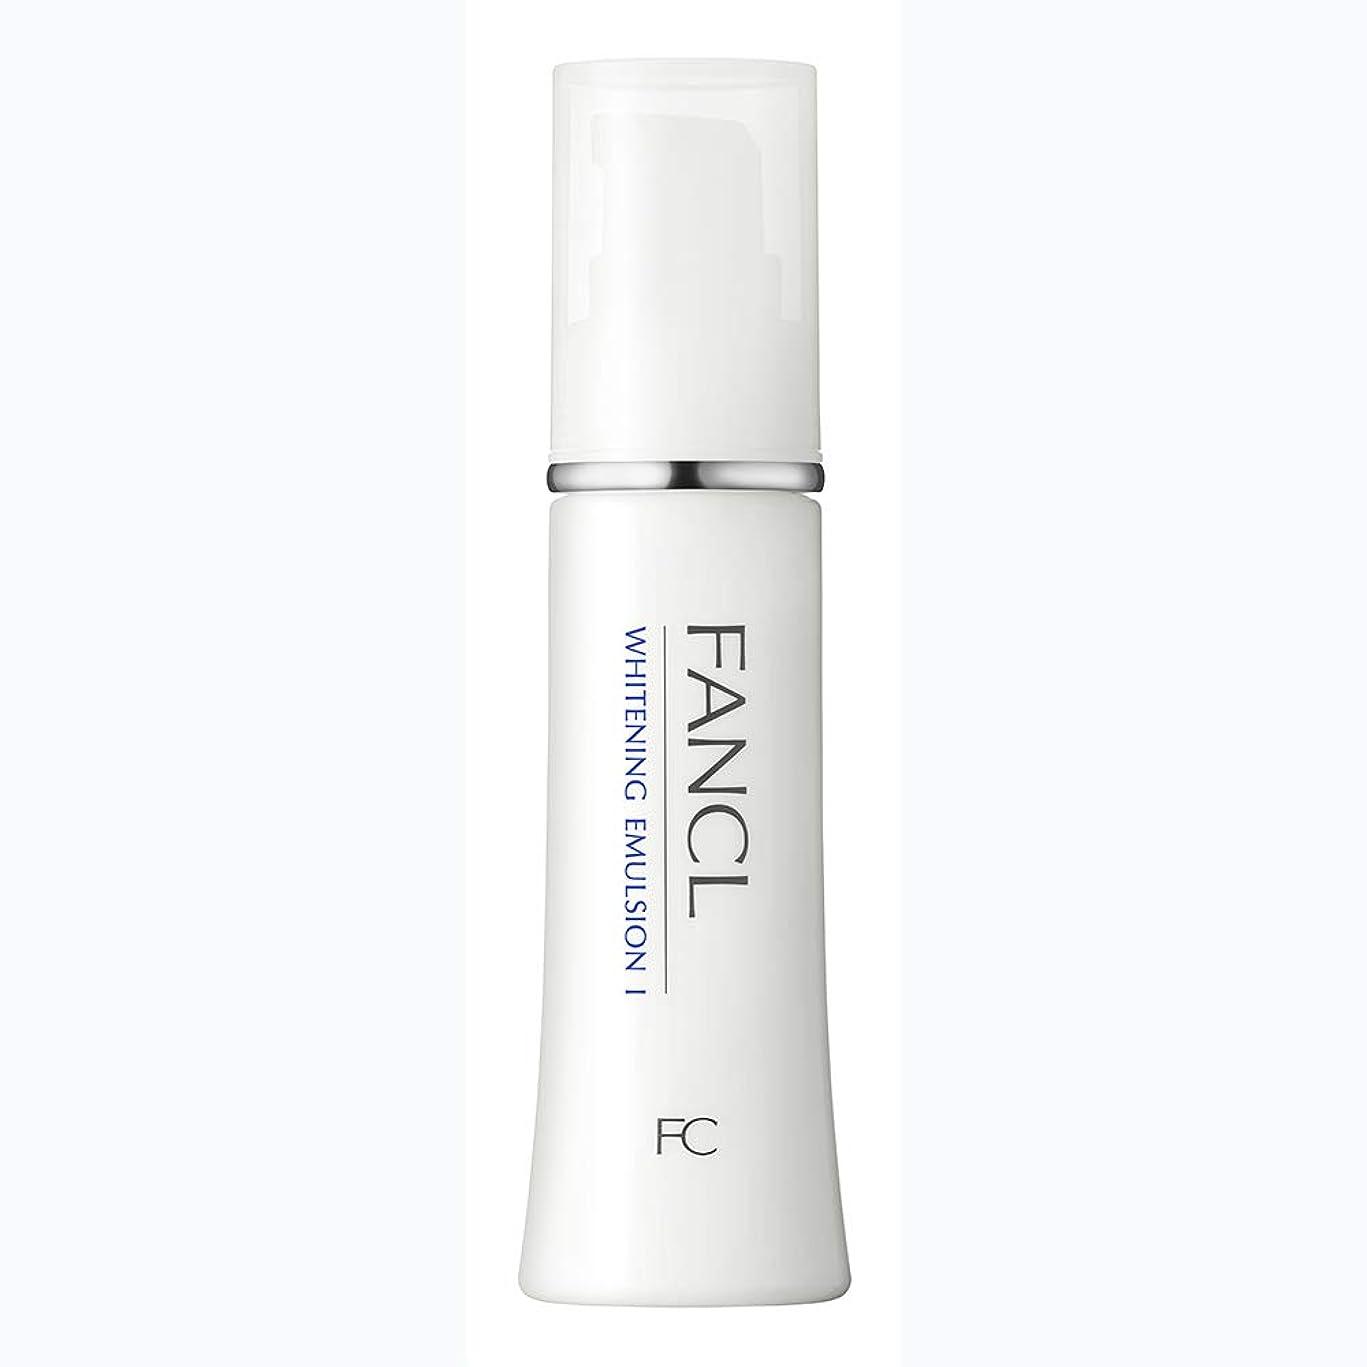 独立した染色スケッチファンケル(FANCL) 新ホワイトニング 乳液 I さっぱり 1本 30mL<医薬部外品>